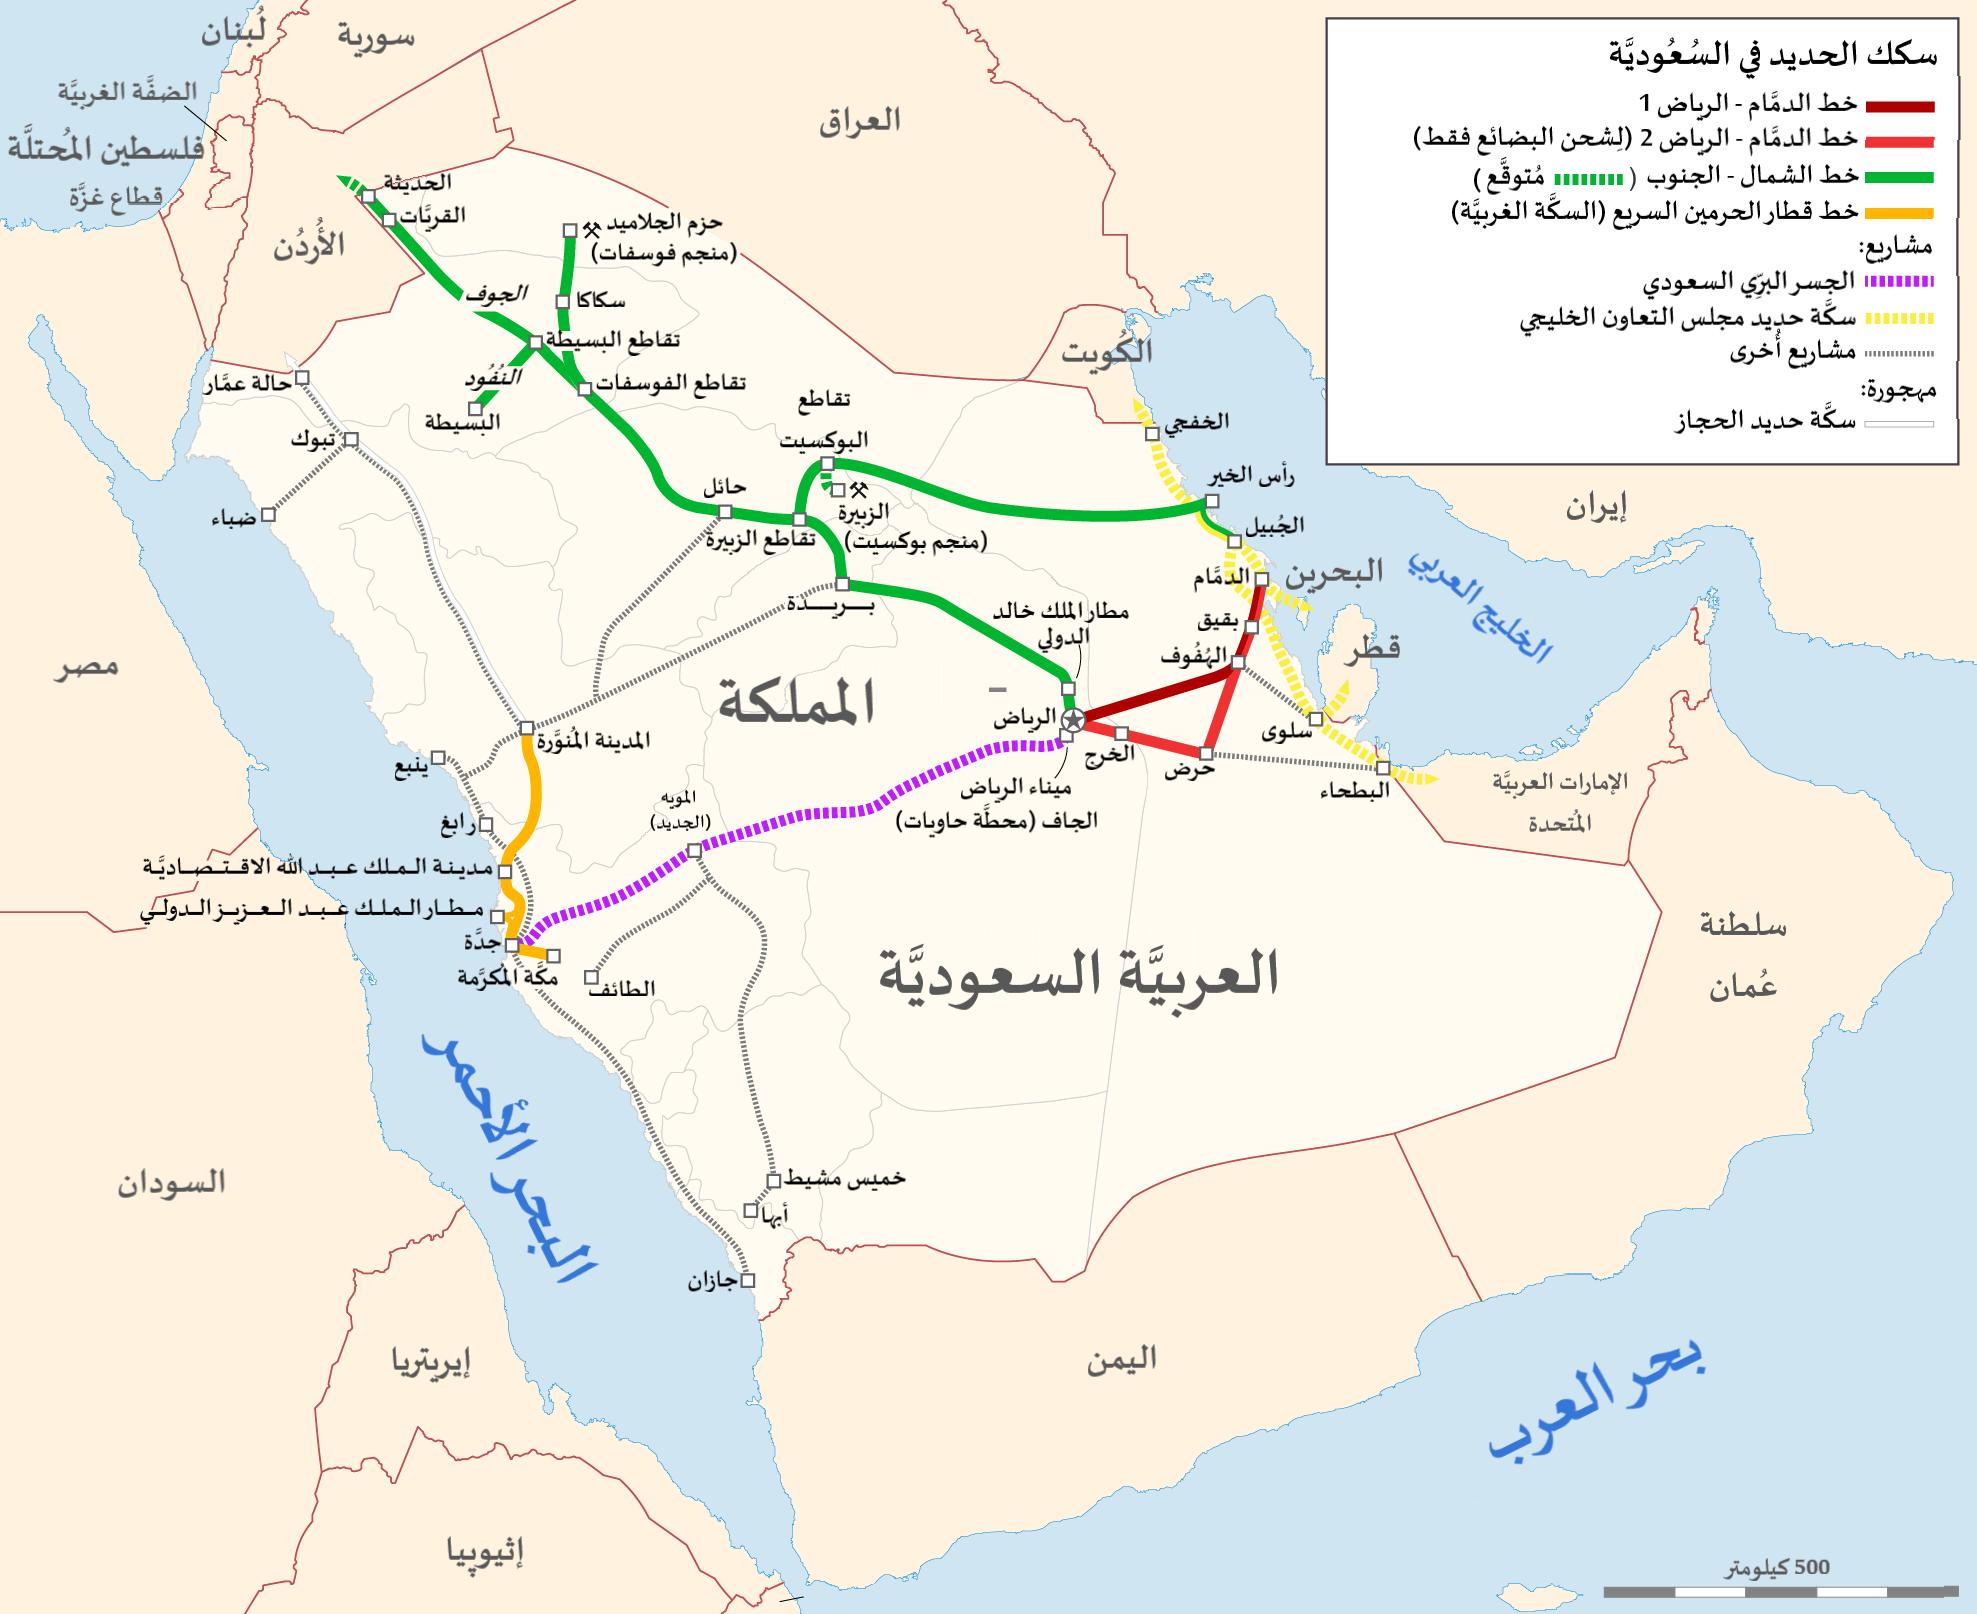 ملف خريطة سكك الحديد السعودية Png ويكيبيديا